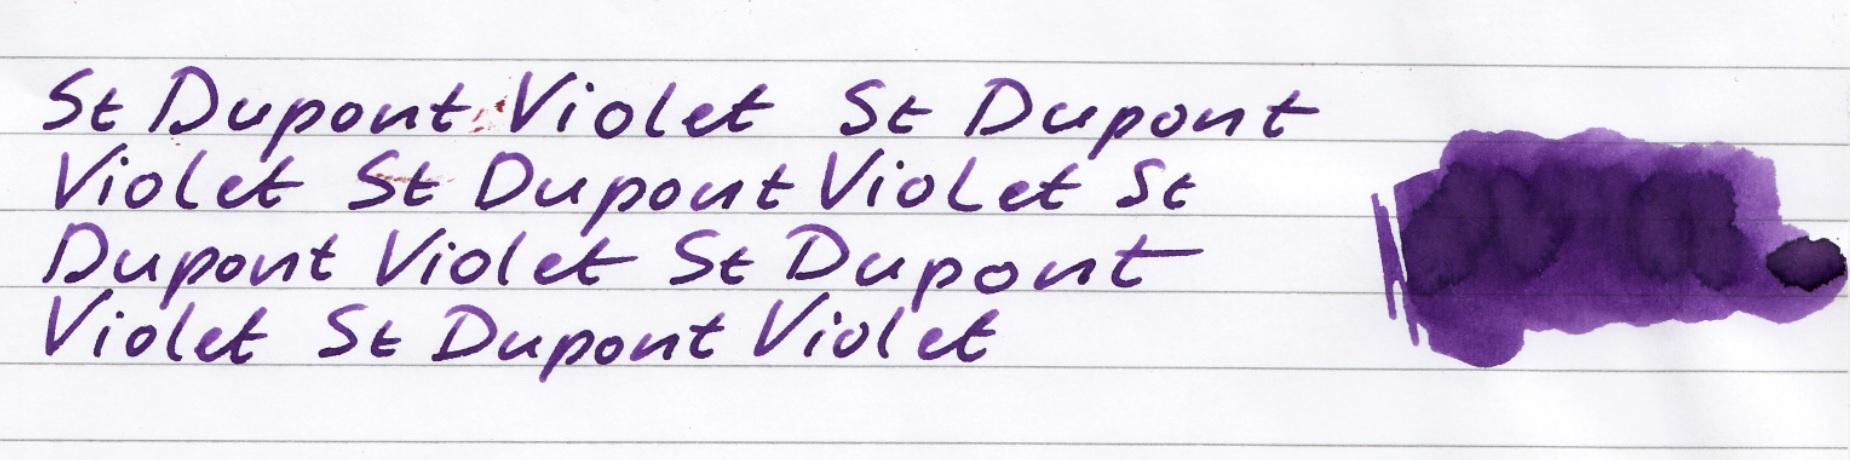 fpn_1455051663__violet_stdupont_lyreco_1